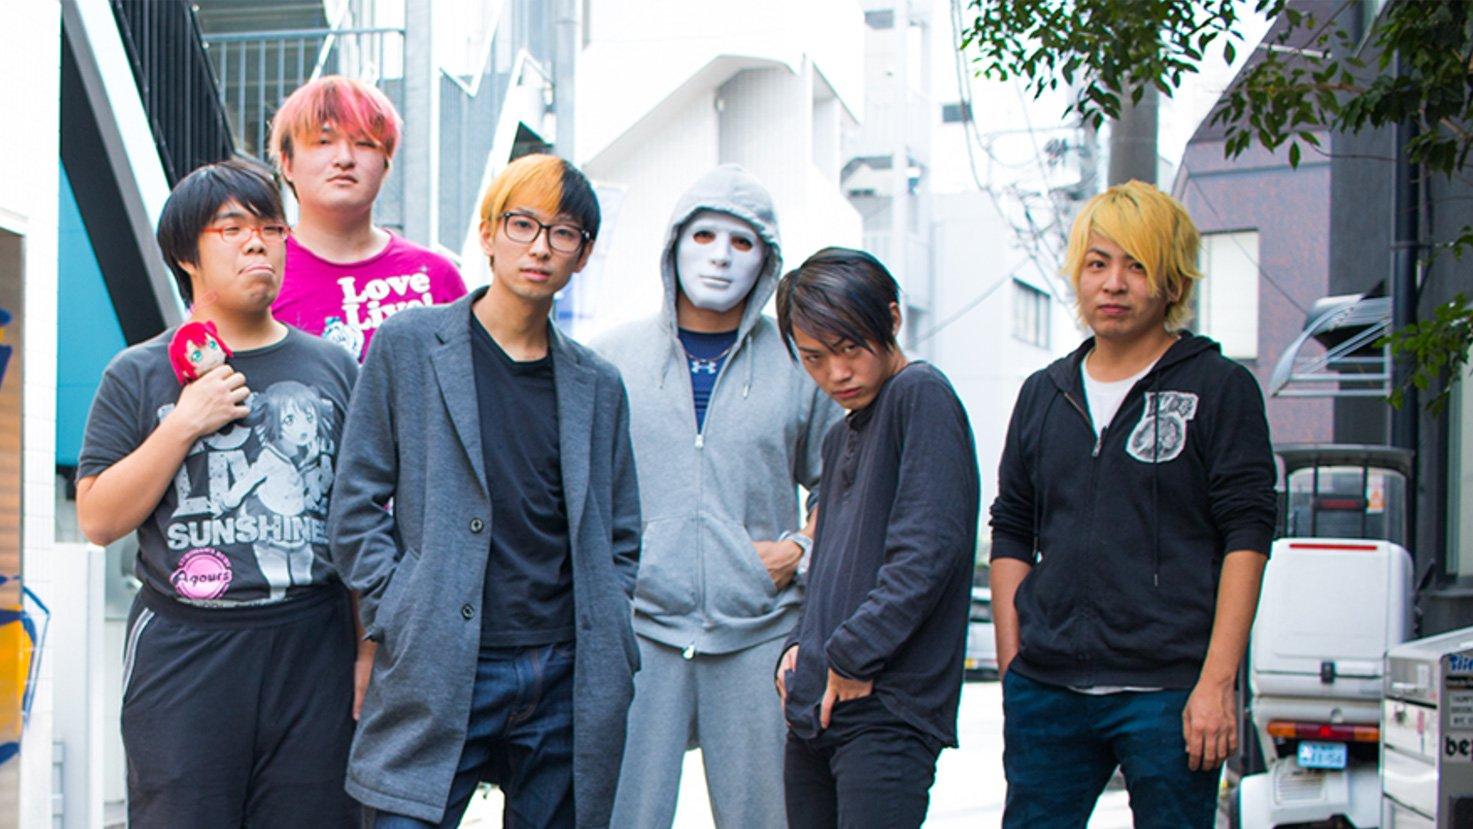 ヒカル、禁断ボーイズら参加「VAZ Mart」 渋谷109に人気YouTuberが連日登場!